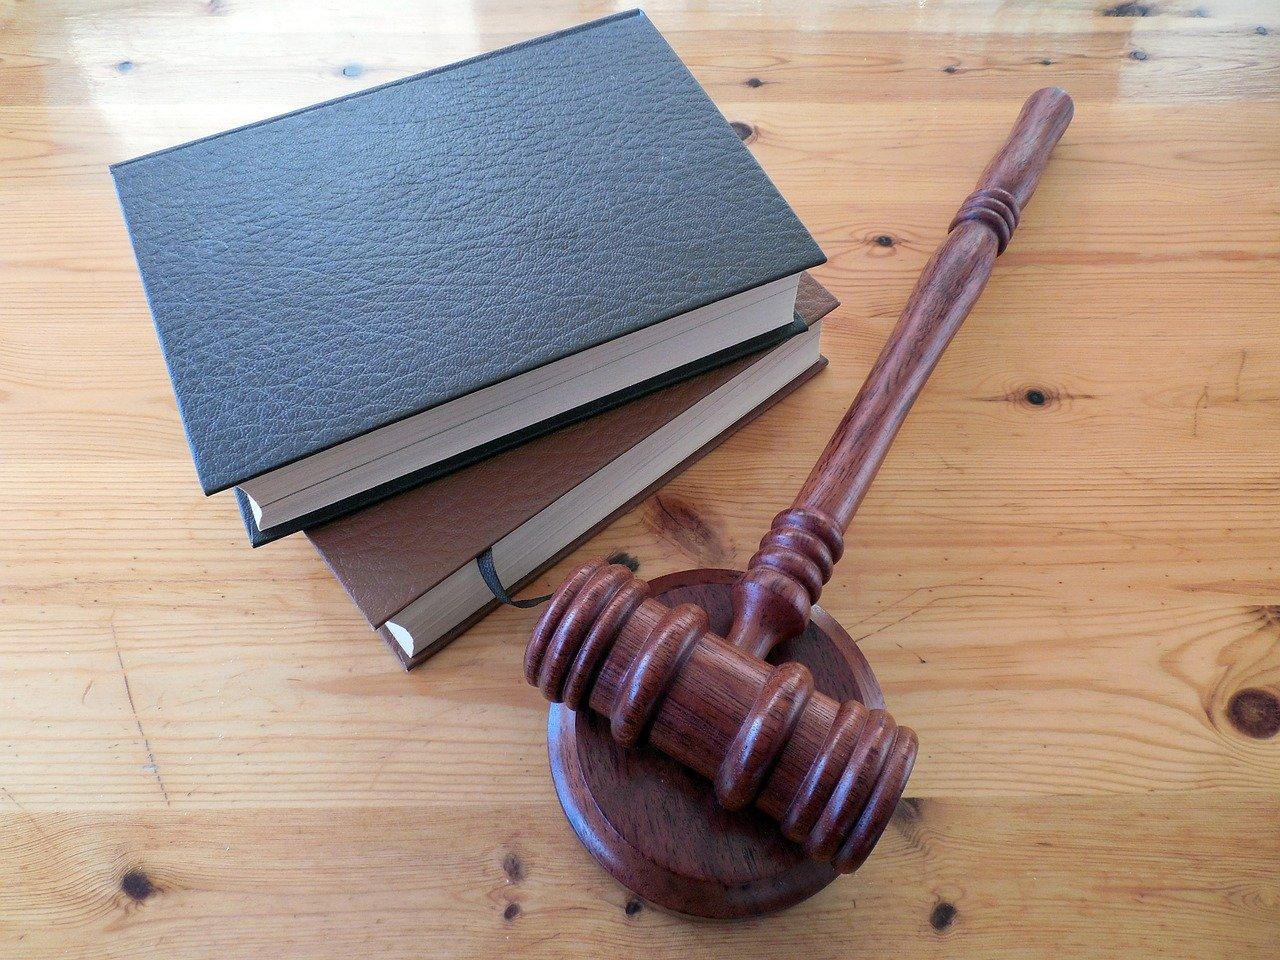 «Не было справедливости на суде». Санитара наркологии приговорили к 8 годам за убийство гастарбайтера